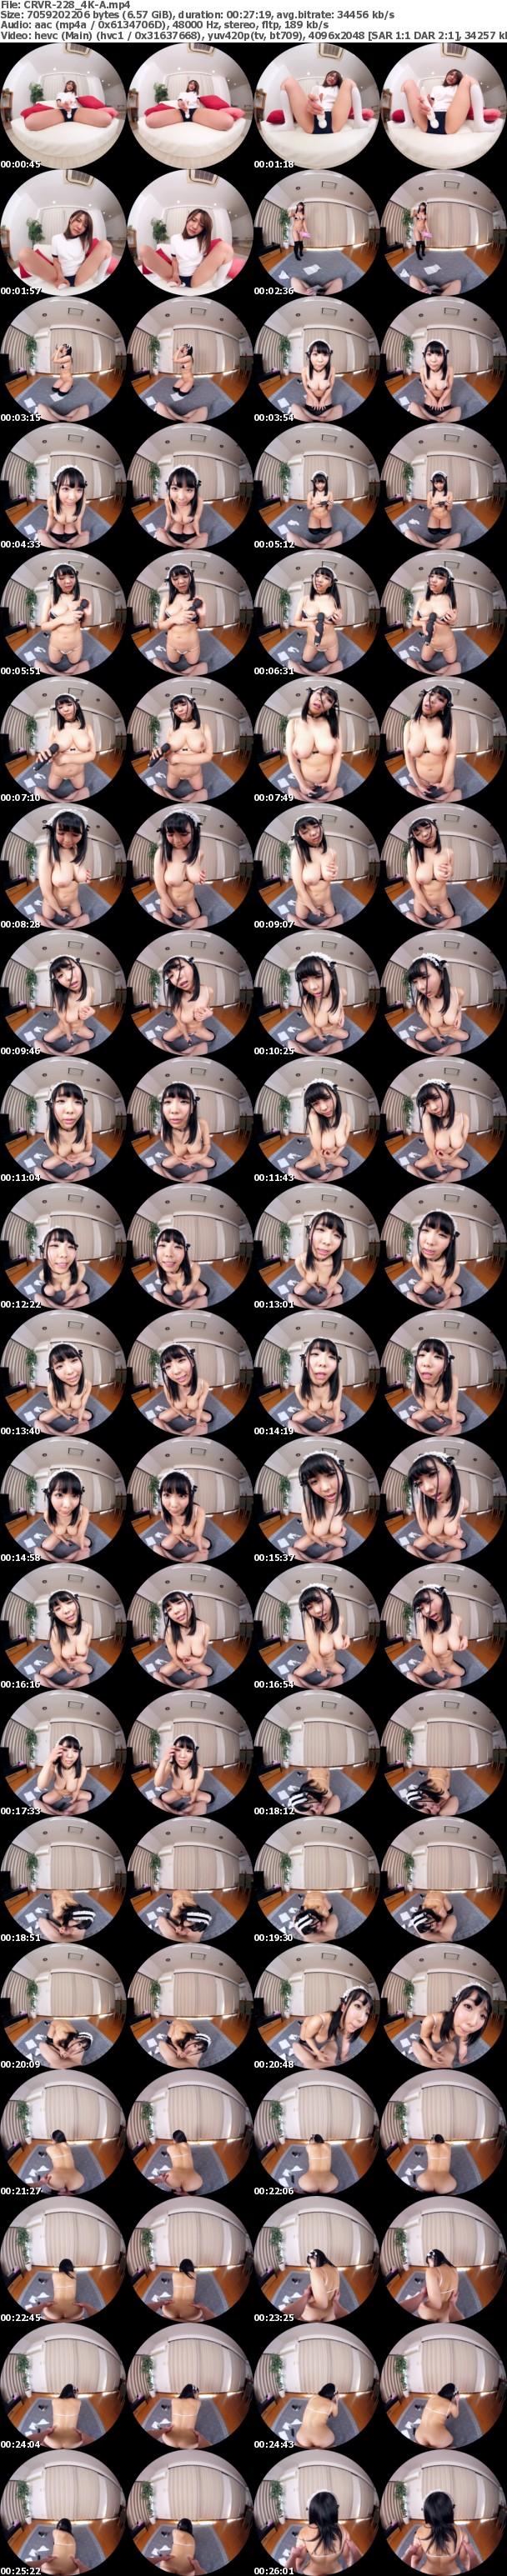 (VR) (4K) CRVR-228【4K匠】稲場るか 巨乳見せつけ&顔ガン見オナニーに感激&谷間見せつけプレイに大満足!